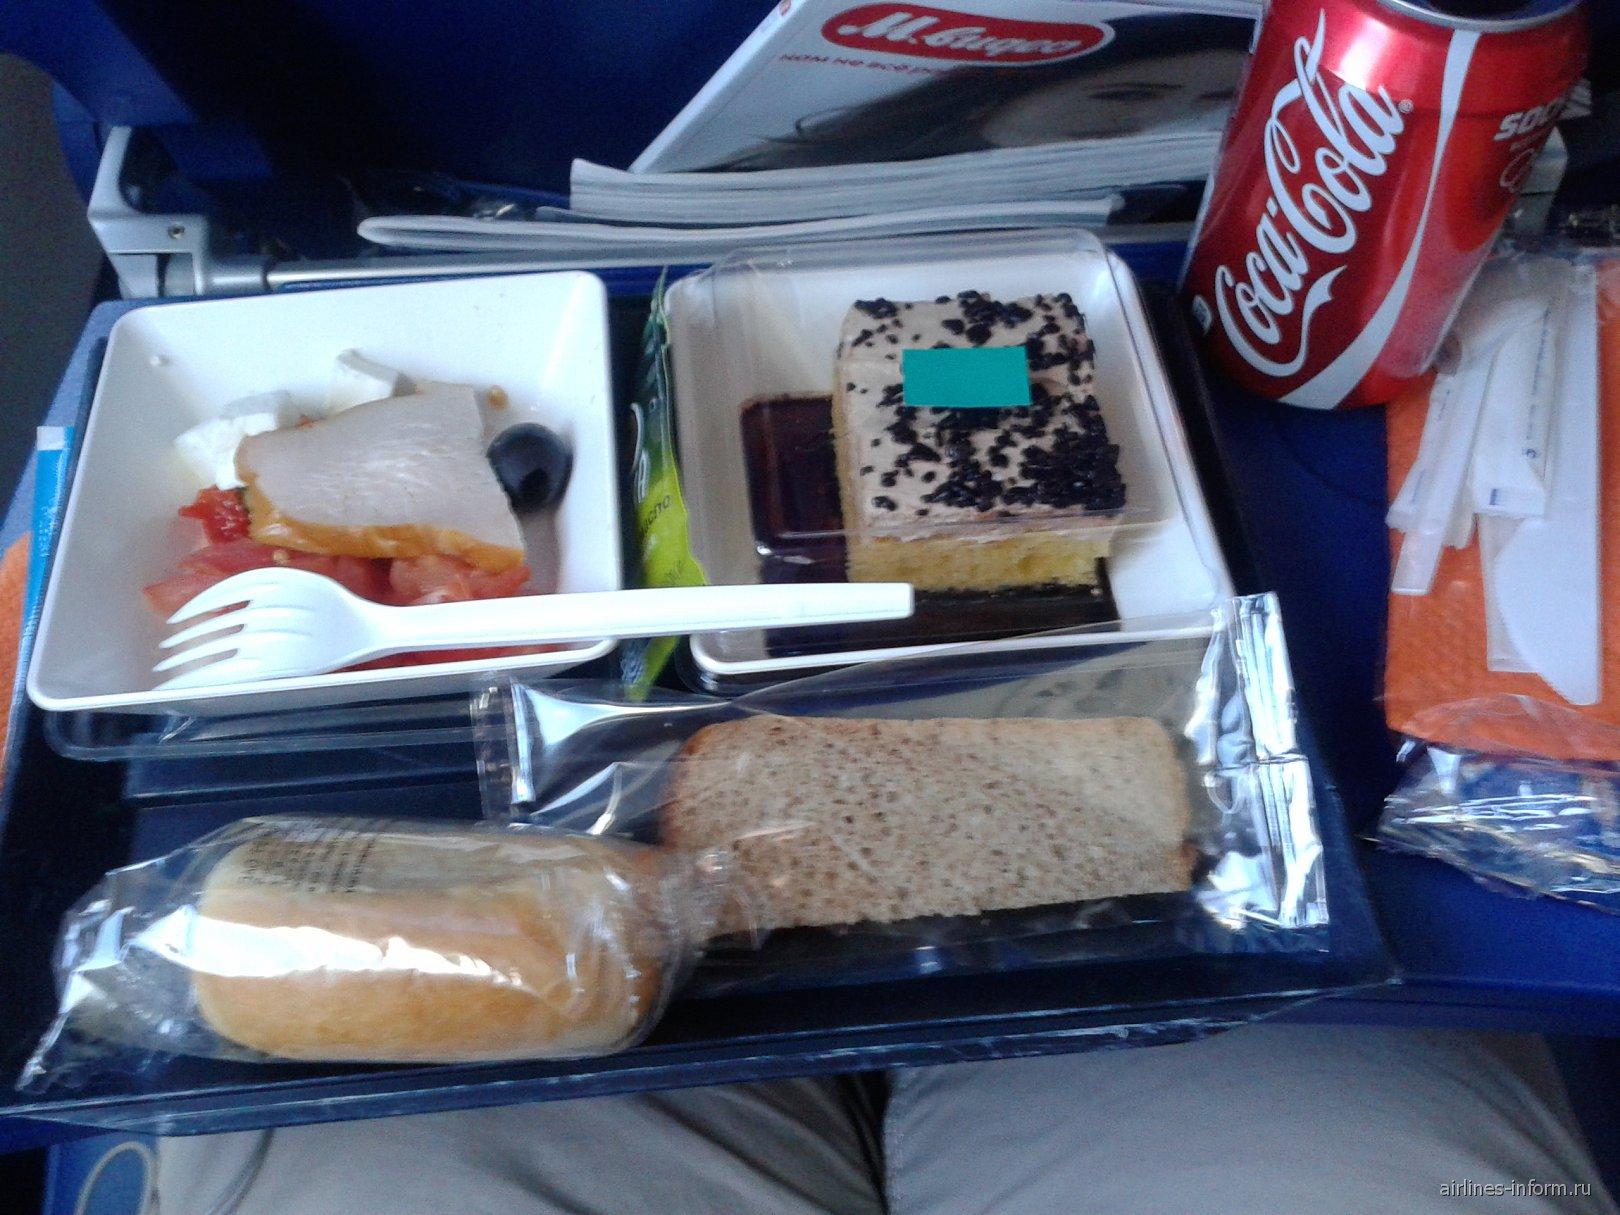 Питание на рейсе Аэрофлота Москва-Анапа